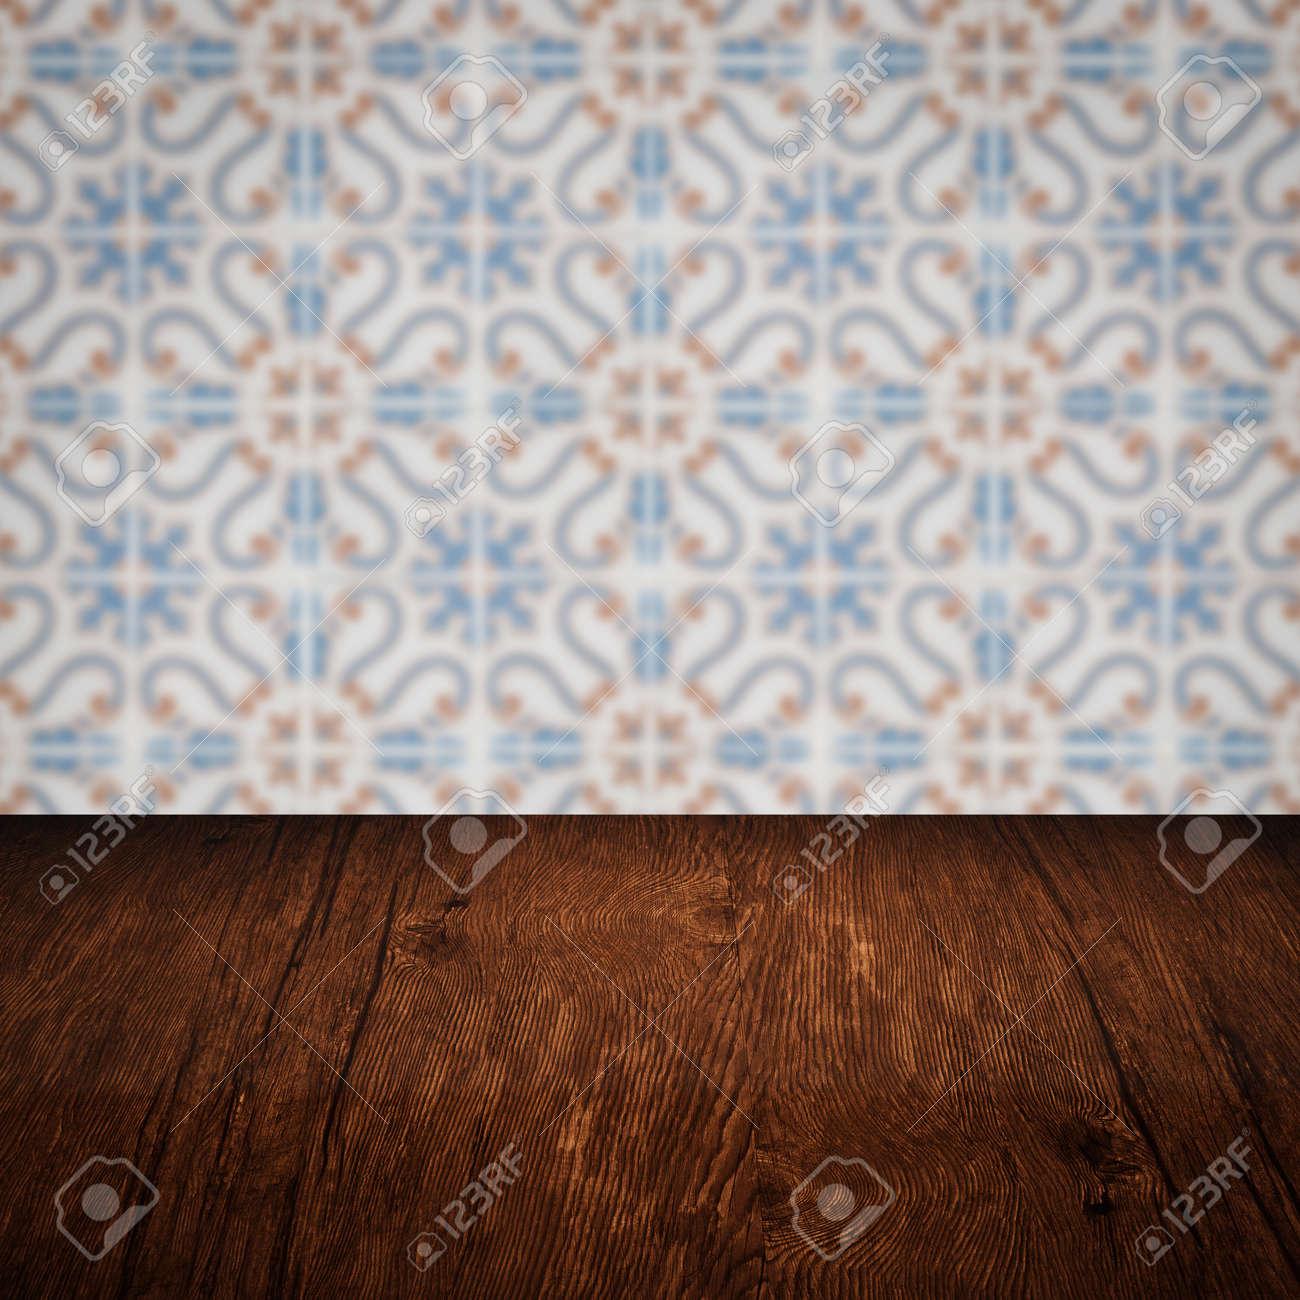 Wunderschön Muster Wand Ideen Von Leere Holztischplatte Und Unschärfe Vintage-fliesen Im Hintergrund,